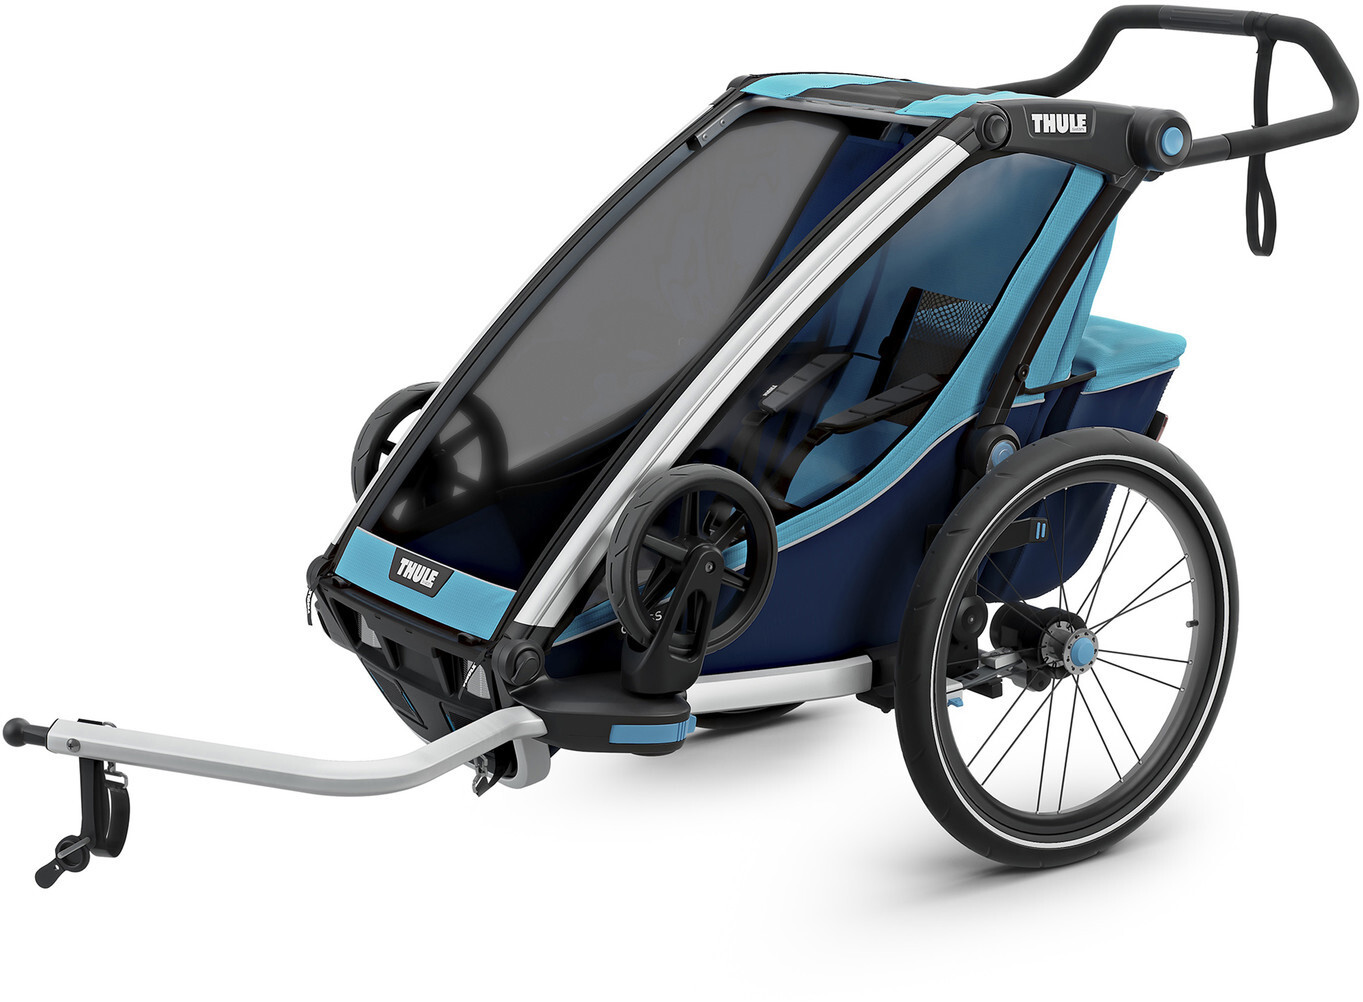 Thule Chariot Cross 1 Cykelanhænger, thule blue/poseidon (2019) | Trailer til cykler